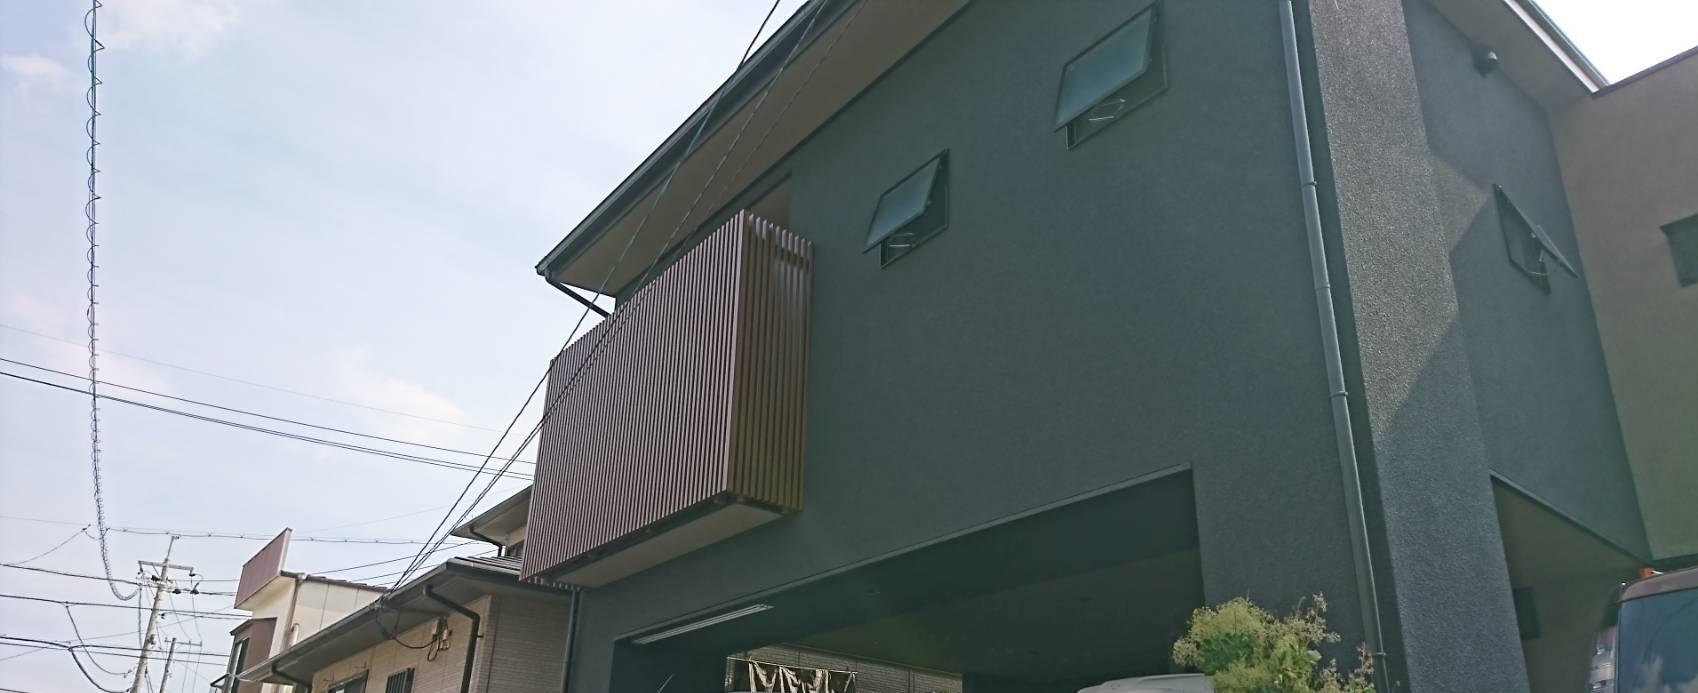 シーエス建材トーヨー住器の岡山市 コートライン工事 縦格子の施工後の写真2